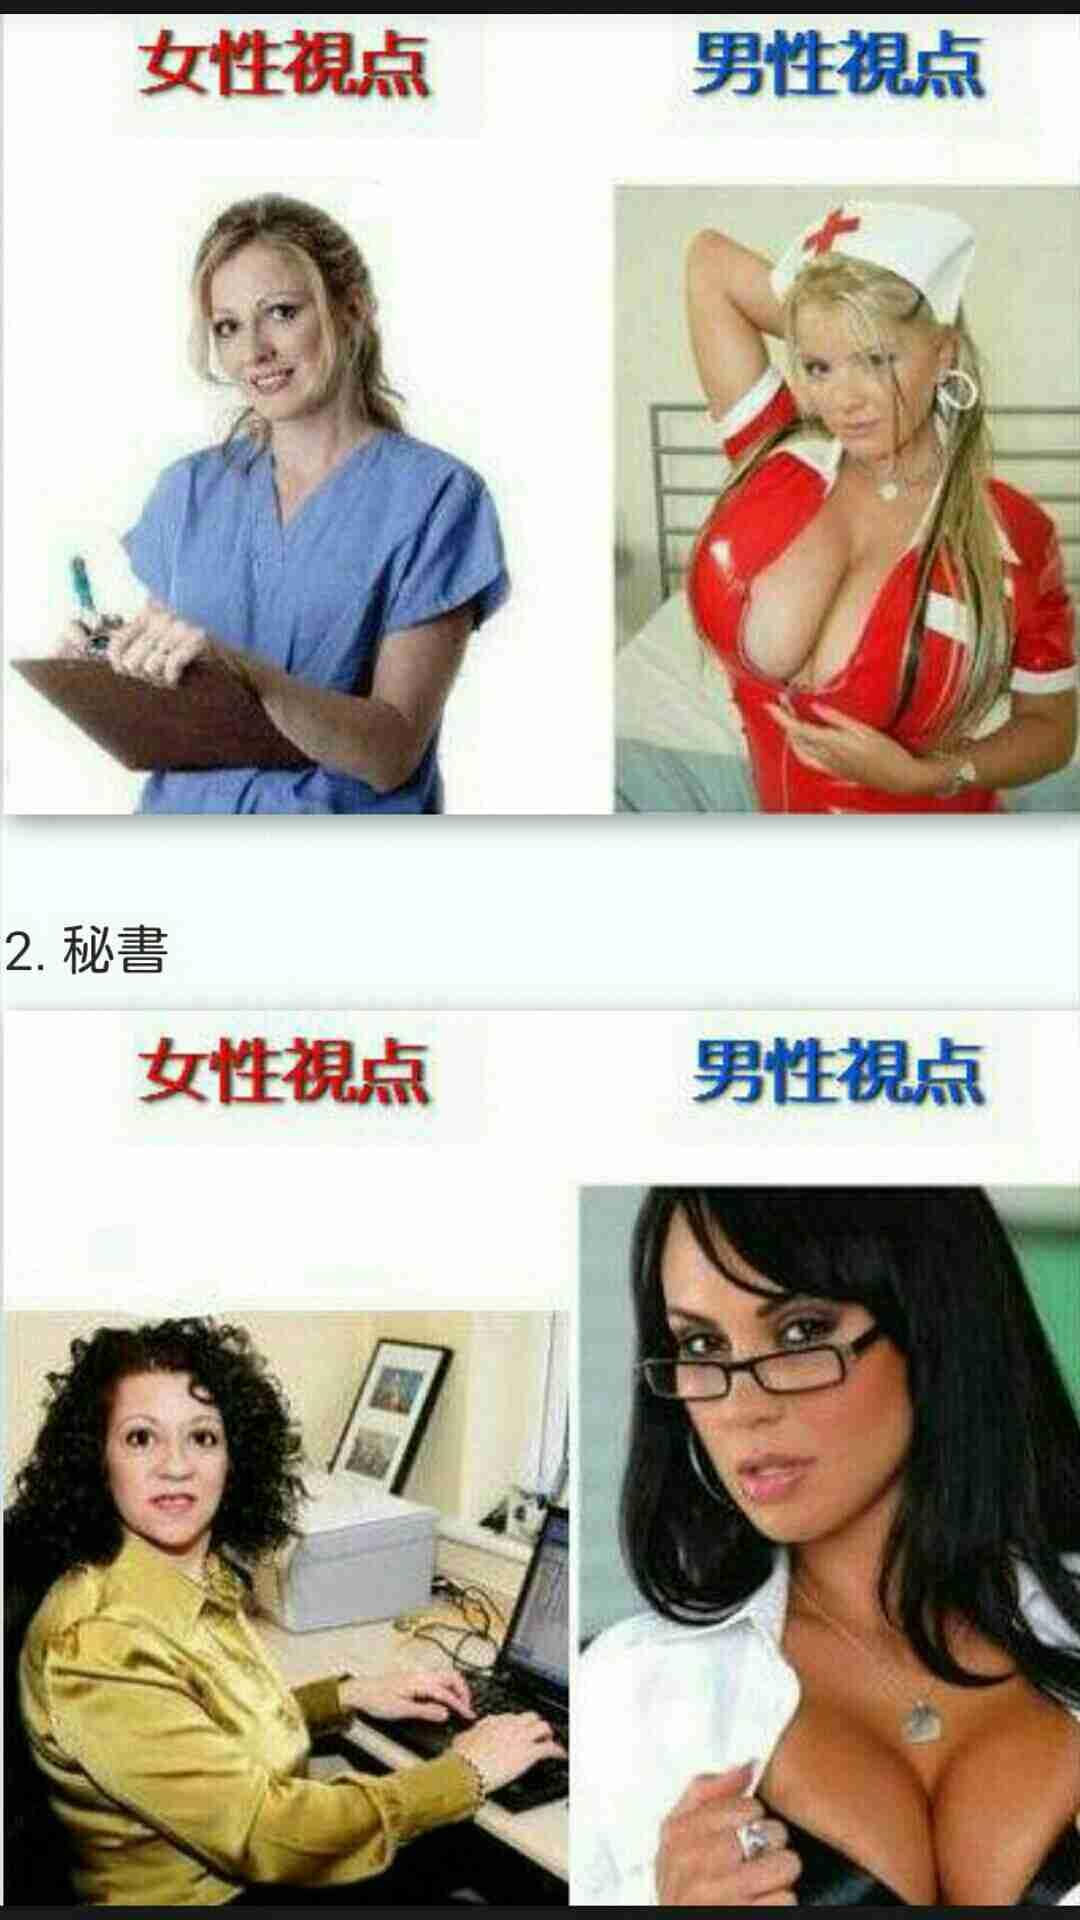 「上品な女性」と「下品な女性」の違い